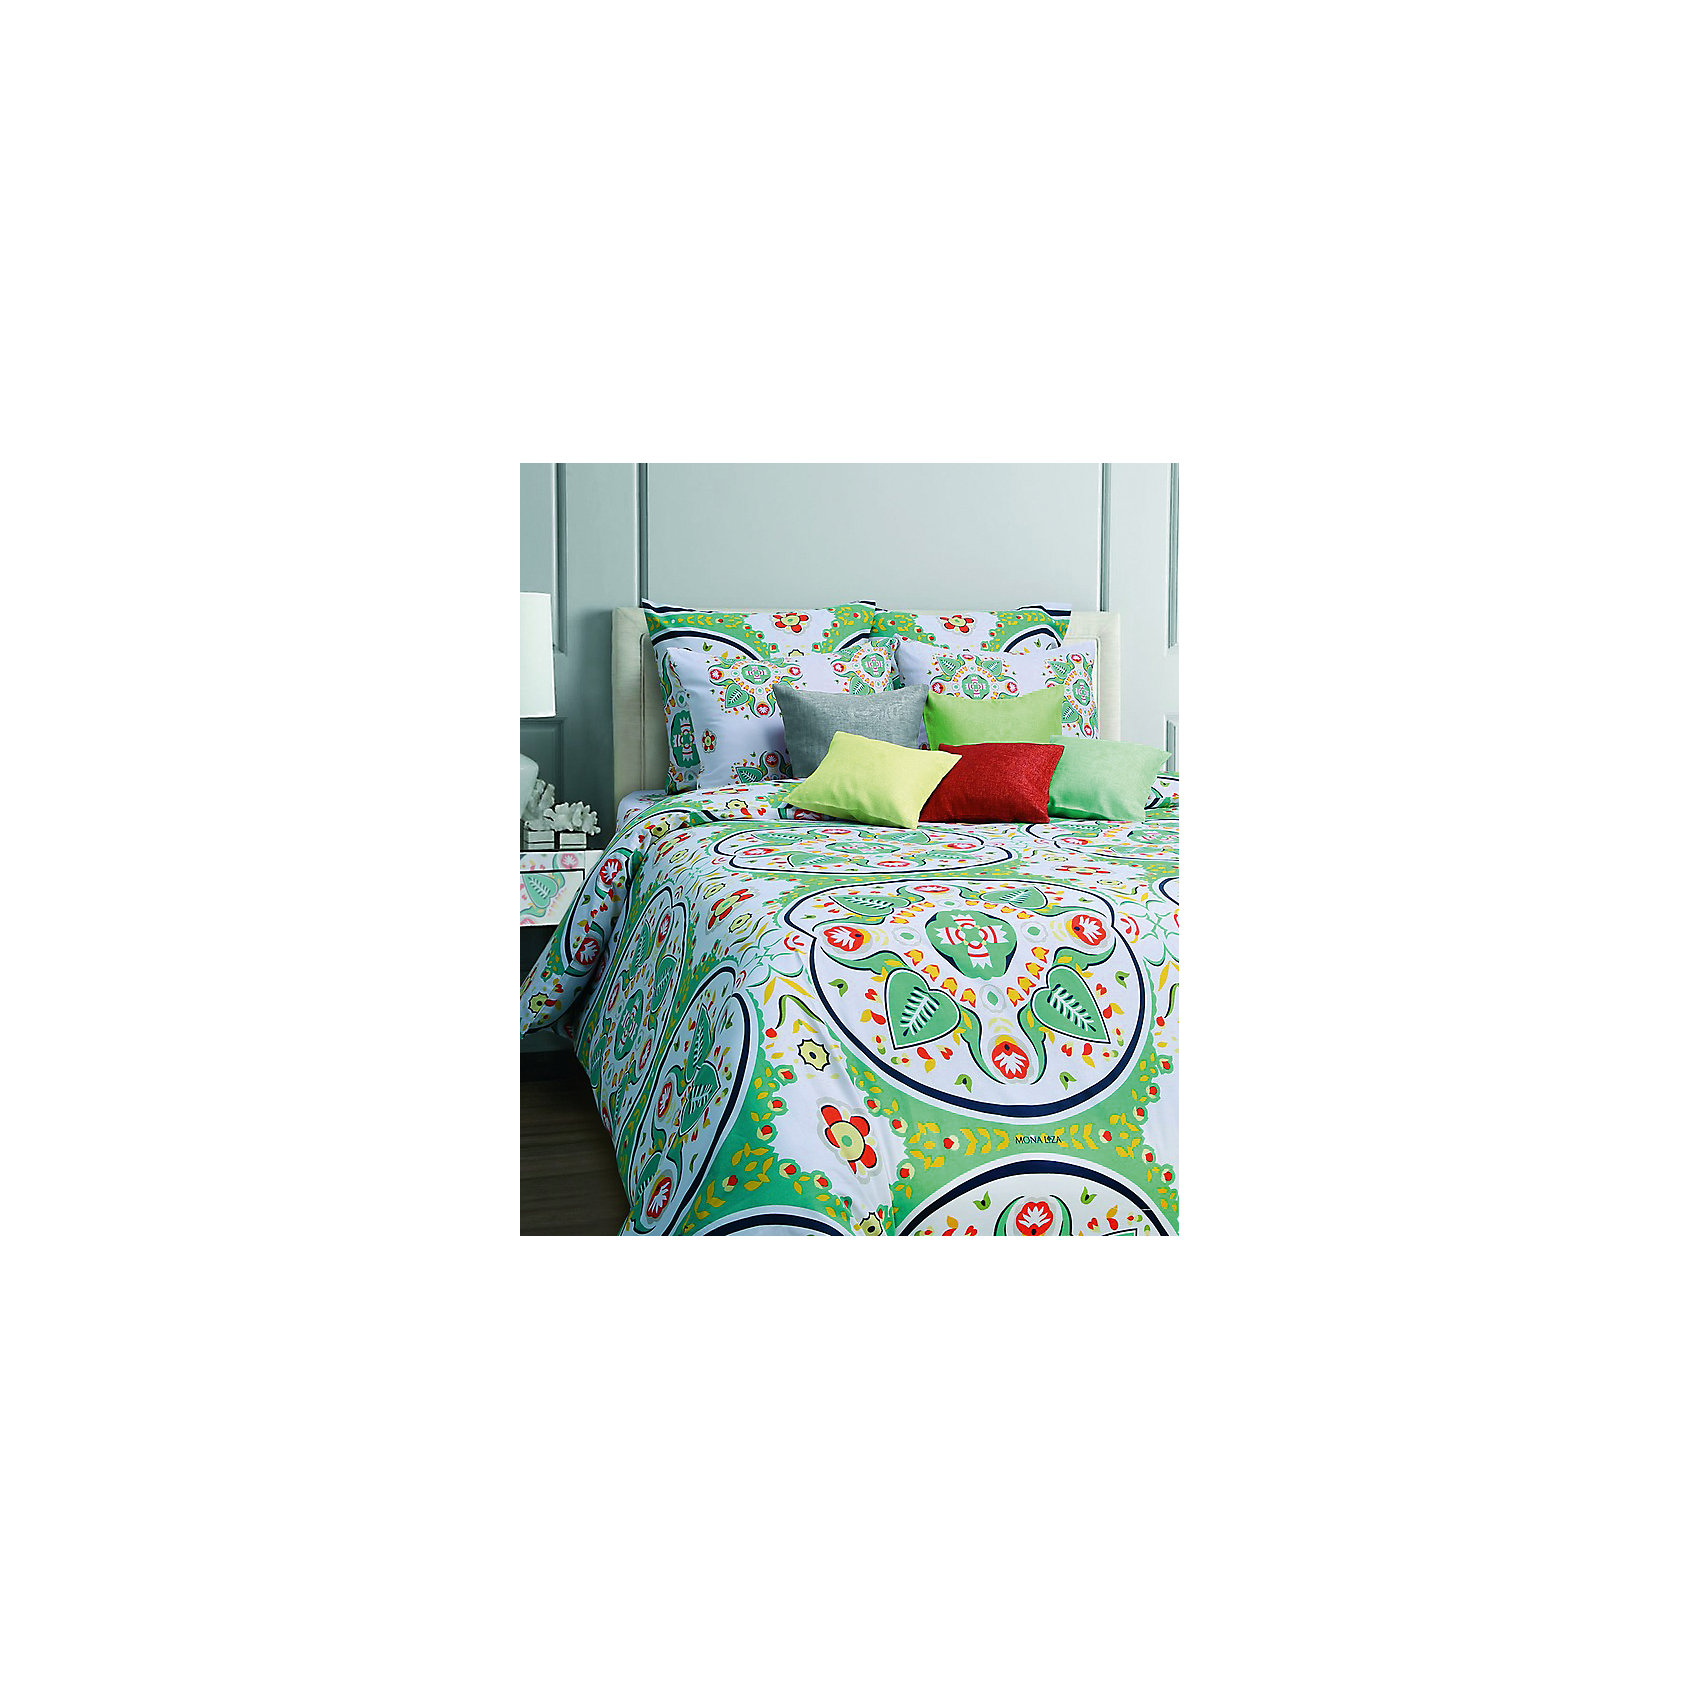 Постельное белье Blanche, 2-спальный, 70*70, Mona LizaДомашний текстиль<br>Характеристики:<br><br>• Вид домашнего текстиля: постельное белье<br>• Тип постельного белья по размерам: 2сп<br>• Серия: Mona Liza Classic<br>• Сезон: круглый год<br>• Материал: бязь <br>• Цвет: белый, желтый, зеленый, красный<br>• Комплектация: <br> пододеяльник на пуговицах – 1 шт. 175*210 см <br> простынь – 1 шт. 215*240 см<br> наволочки – 2 шт. (70*70 см)<br>• Тип упаковки: книжка <br>• Вес в упаковке: 1 кг 970 г<br>• Особенности ухода: машинная стирка при температуре 30 градусов<br><br>Постельное белье 2сп Blanche 70*70, Mona Liza изготовлено под отечественным торговым брендом, выпускающим постельное белье из натуральных тканей. Комплект выполнен из 100 % бязи, отличающейся высокими характеристиками не только прочности самого полотна, но и устойчивости окраски, которая выполняется по особой технологии. Комплектсостоит из 4-х предметов. Постельное белье выполнено в стильном дизайне с фантазийным узором.<br>Постельное белье 2сп Blanche 70*70, Mona Liza – домашний текстиль, соответствующий международным стандартам качества и безопасности!<br><br>Постельное белье 2сп Blanche 70*70, Mona Liza можно купить в нашем интернет-магазине.<br><br>Ширина мм: 290<br>Глубина мм: 80<br>Высота мм: 370<br>Вес г: 2300<br>Возраст от месяцев: 84<br>Возраст до месяцев: 1188<br>Пол: Женский<br>Возраст: Детский<br>SKU: 5165683